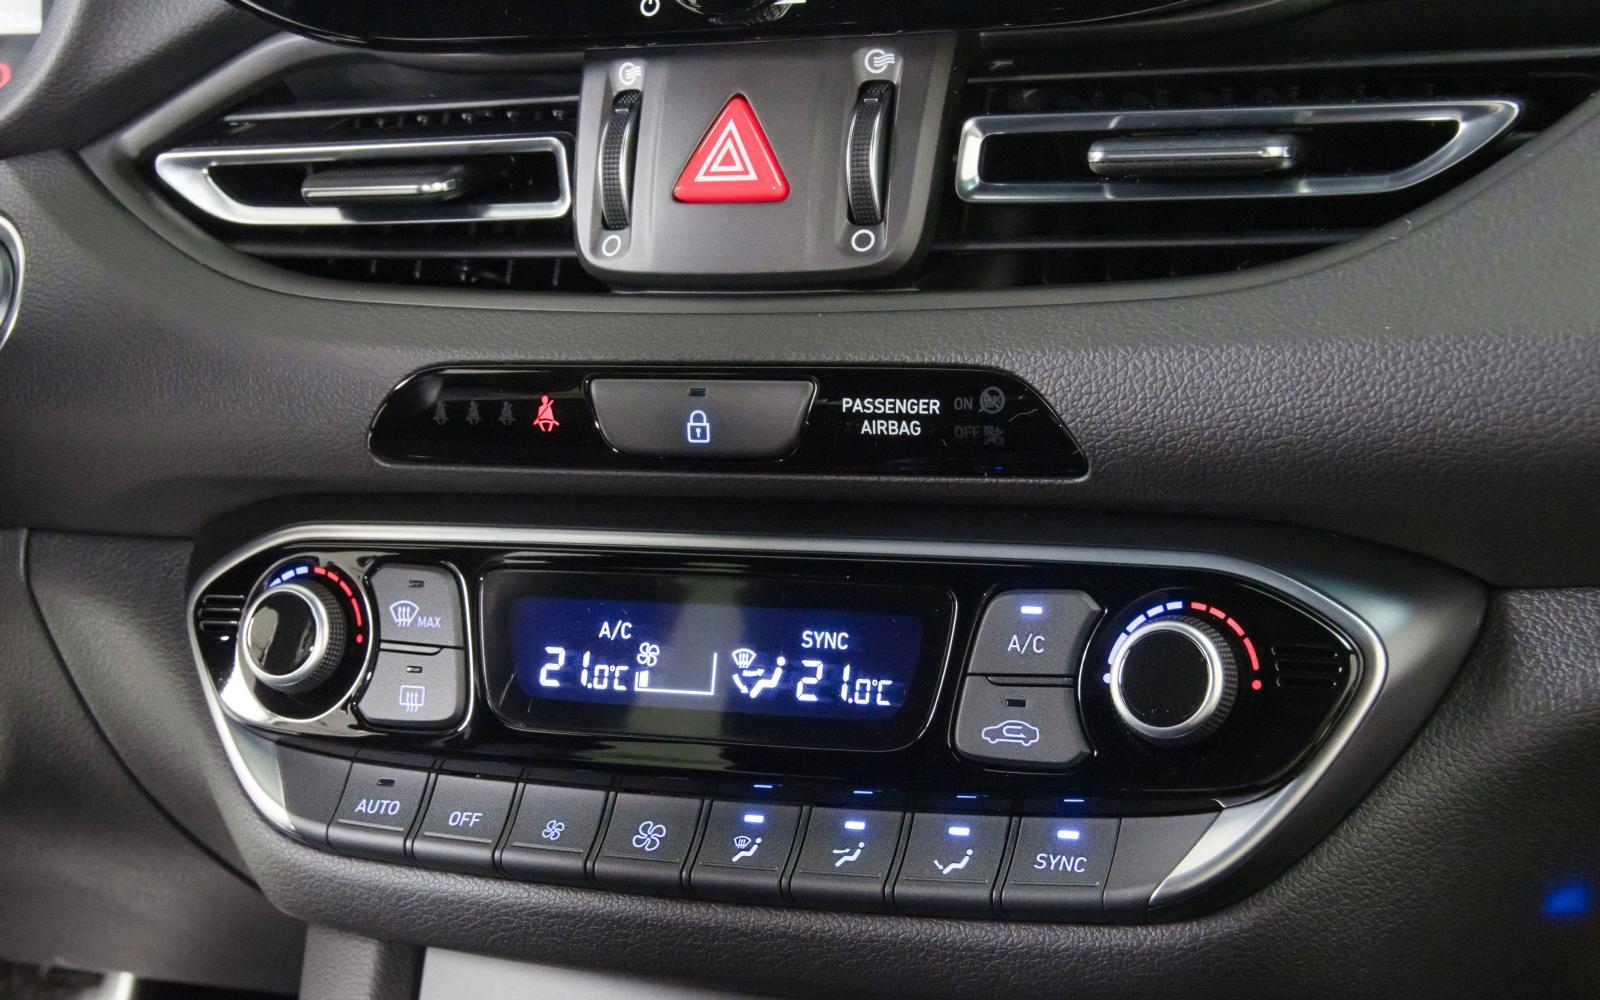 Att i30 är äldst märks på klimatanläggningen med tydliga knappar, en för varje funktion. Jämfört med pekskärmslösningen i Golf/Leon känns det enkla handhavandet lyxigt och påkostat.